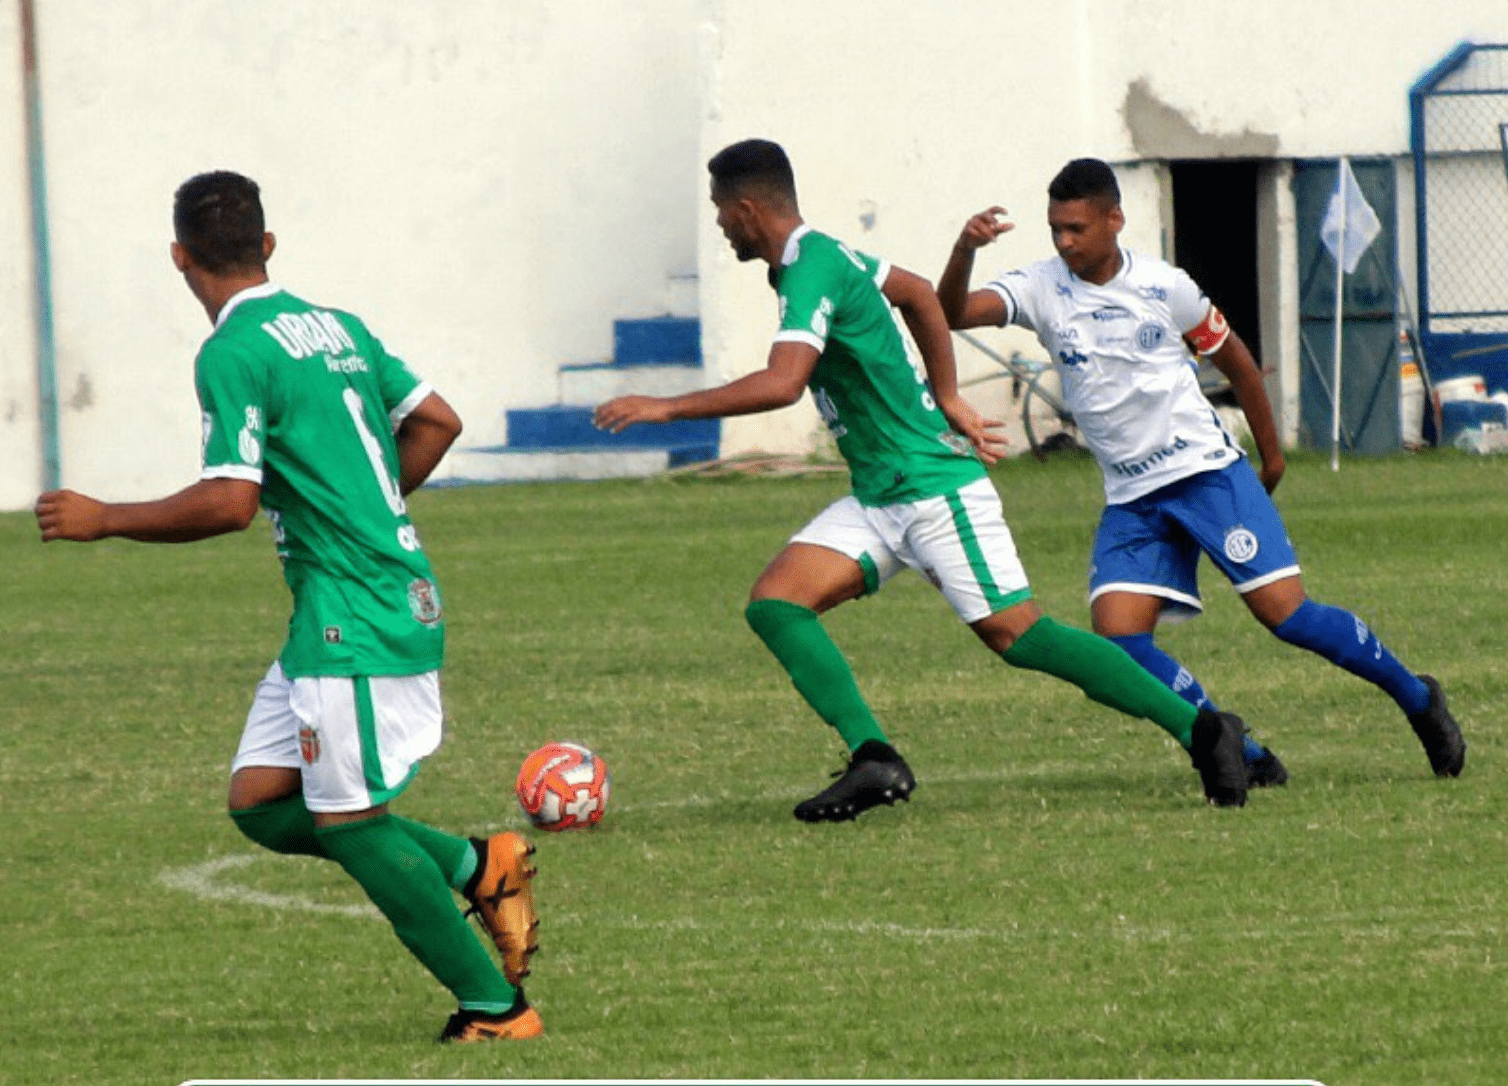 Lagarto, Tubarão, Nacional-AM, Atlético Cearense e Novo Hamburgo podem garantir vaga na Série D 2020 dependendo dos resultados das quartas de final da Série C 2019